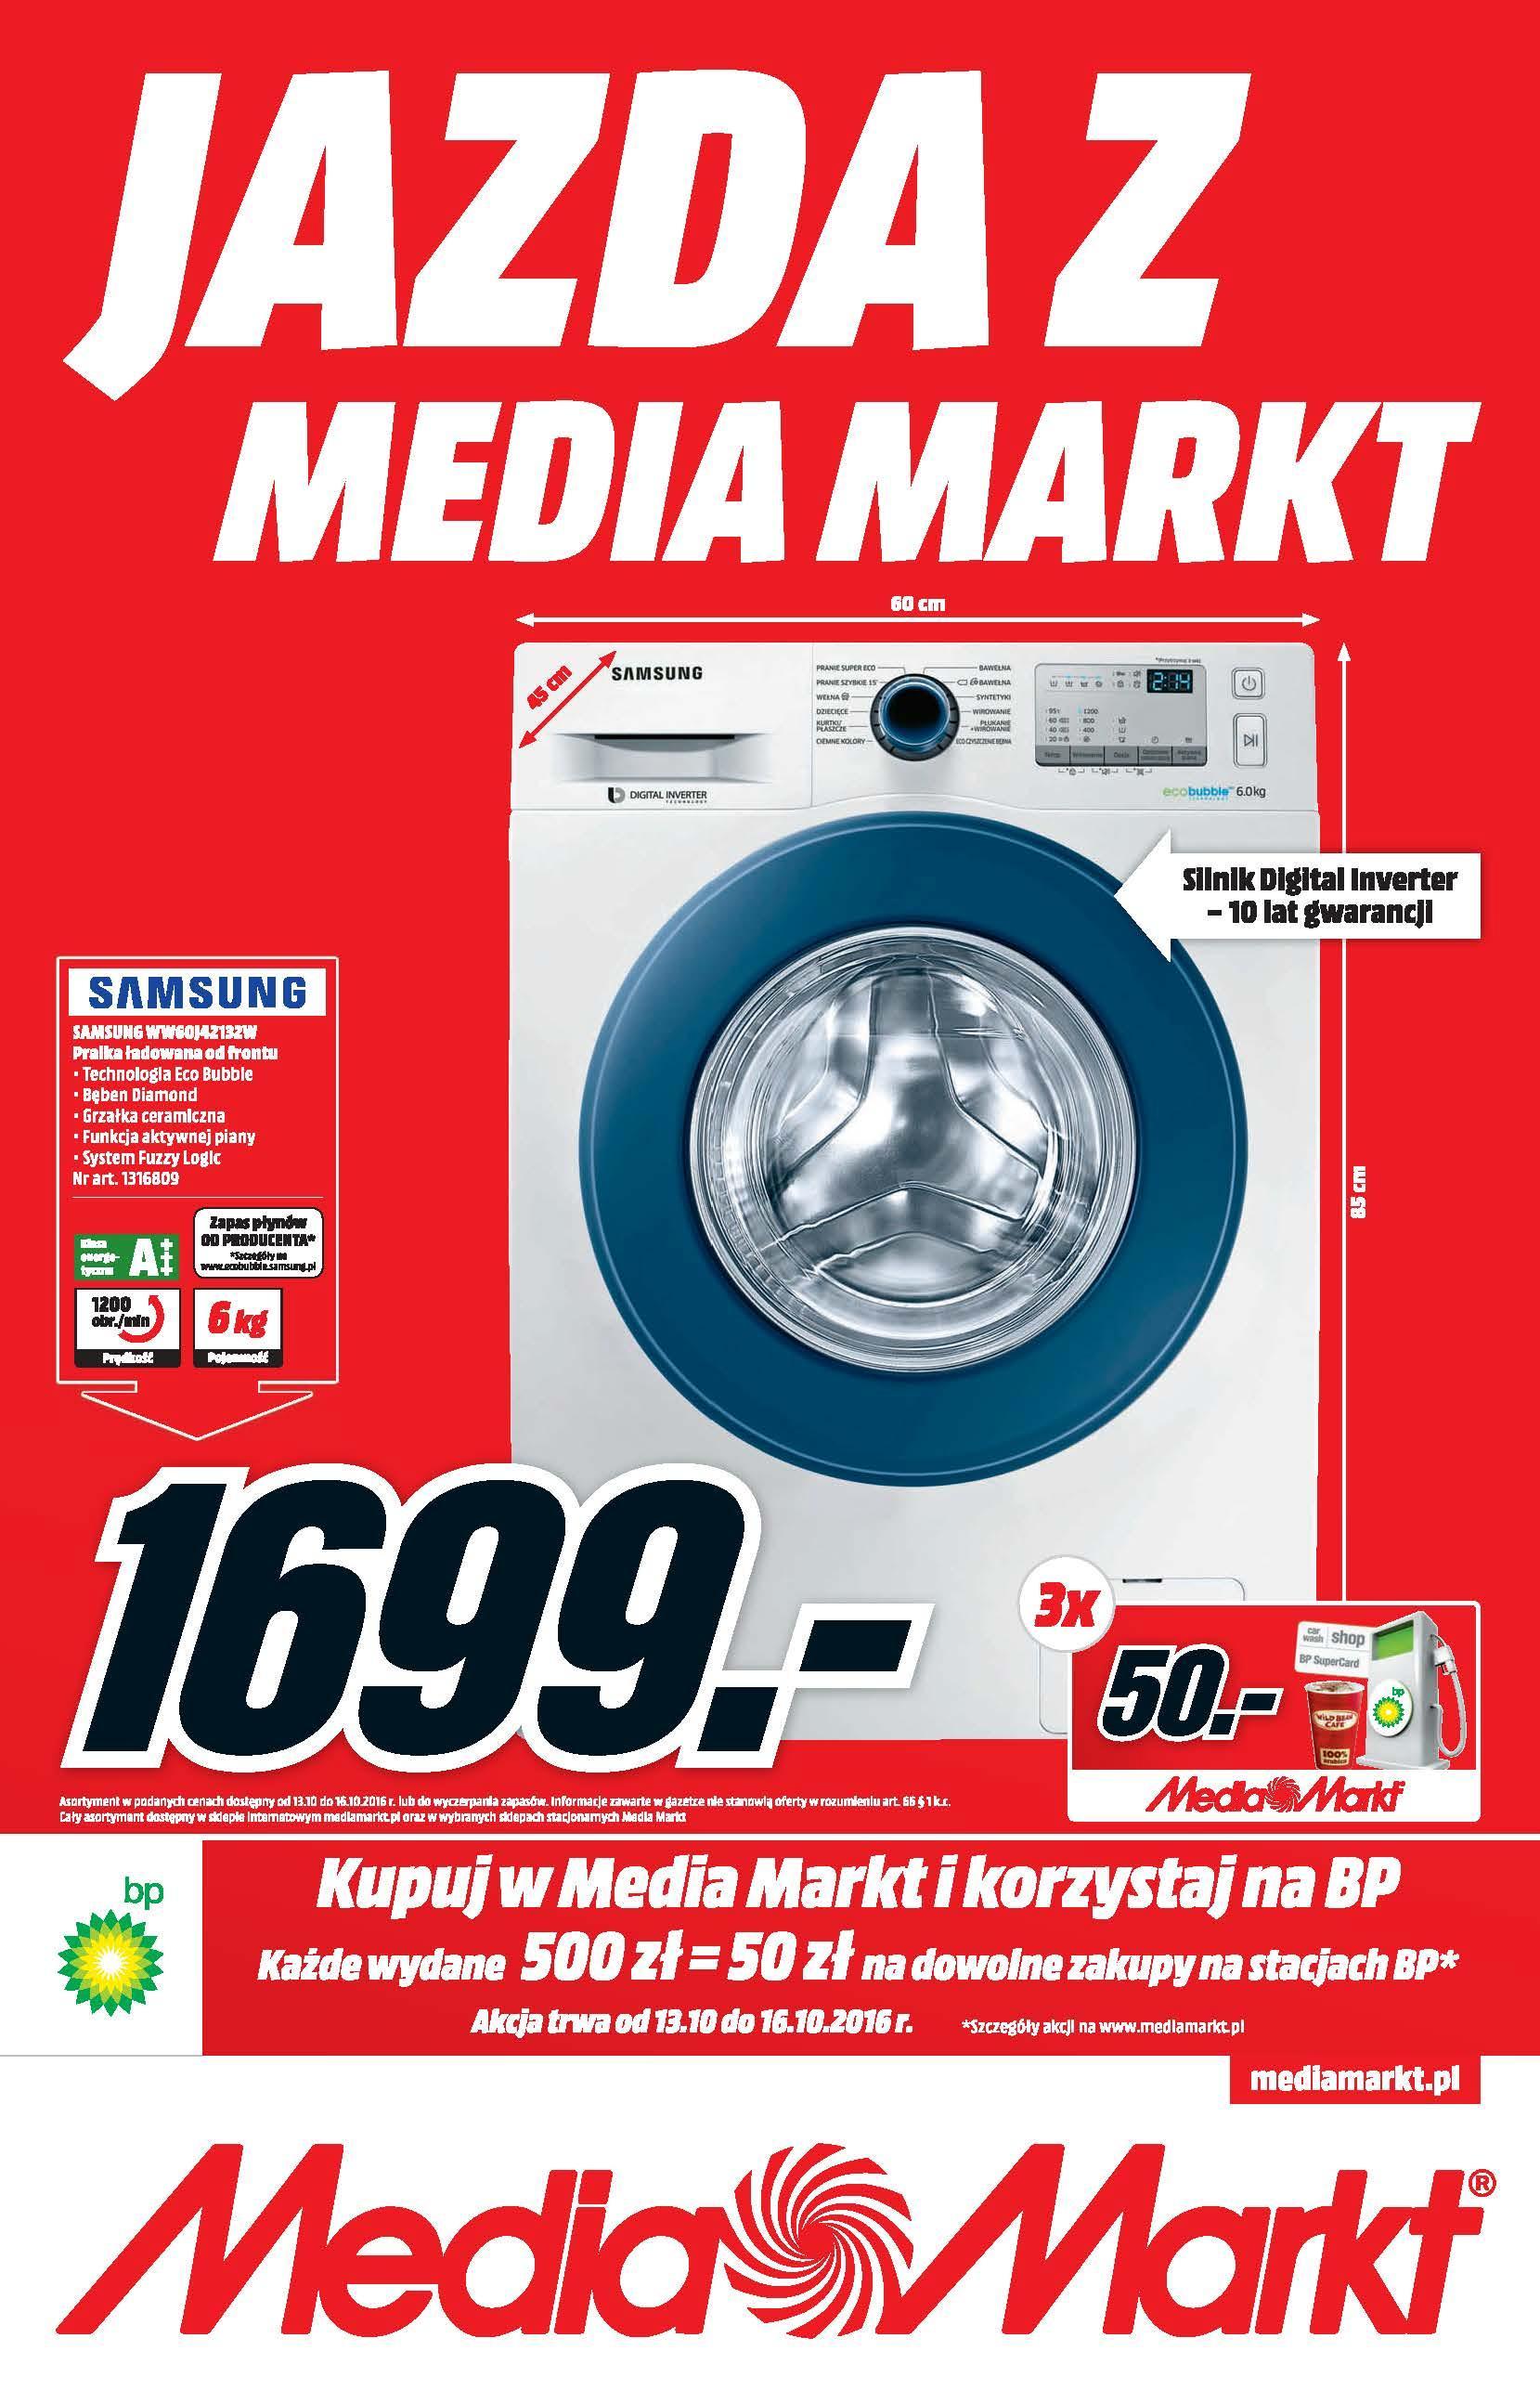 Gazetka promocyjna Media Markt do 16/10/2016 str.0